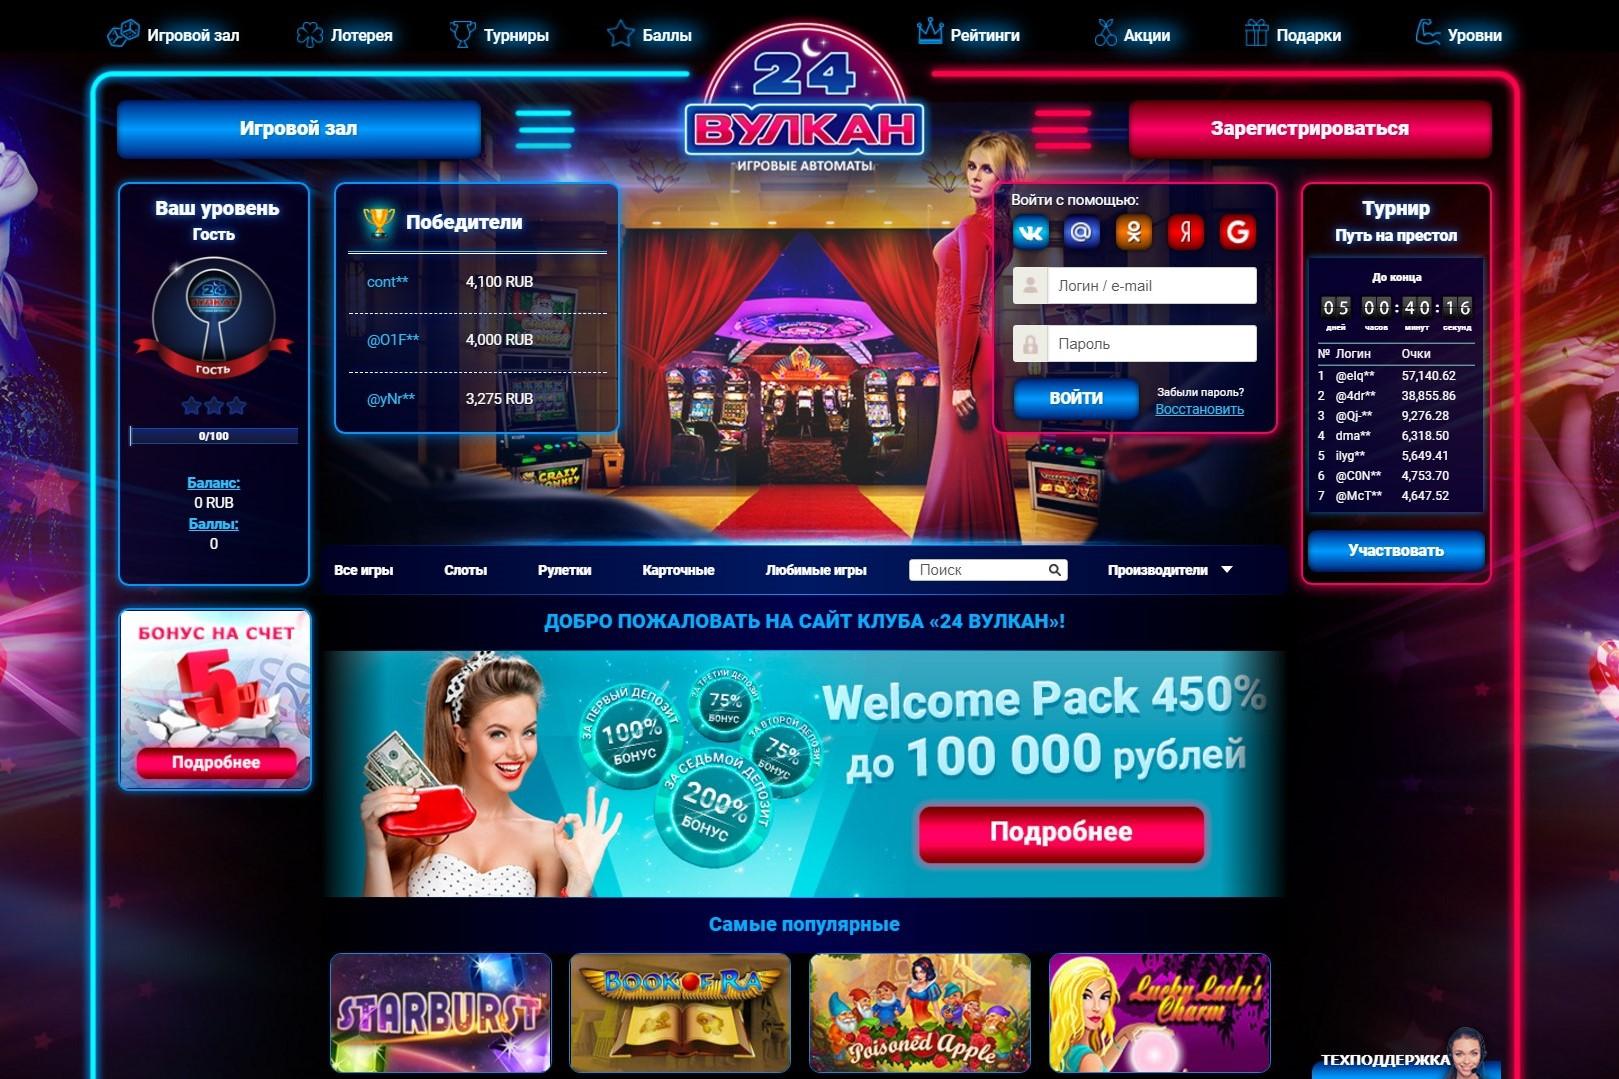 Сервисы казино «Вулкан»: страсть и уникальность